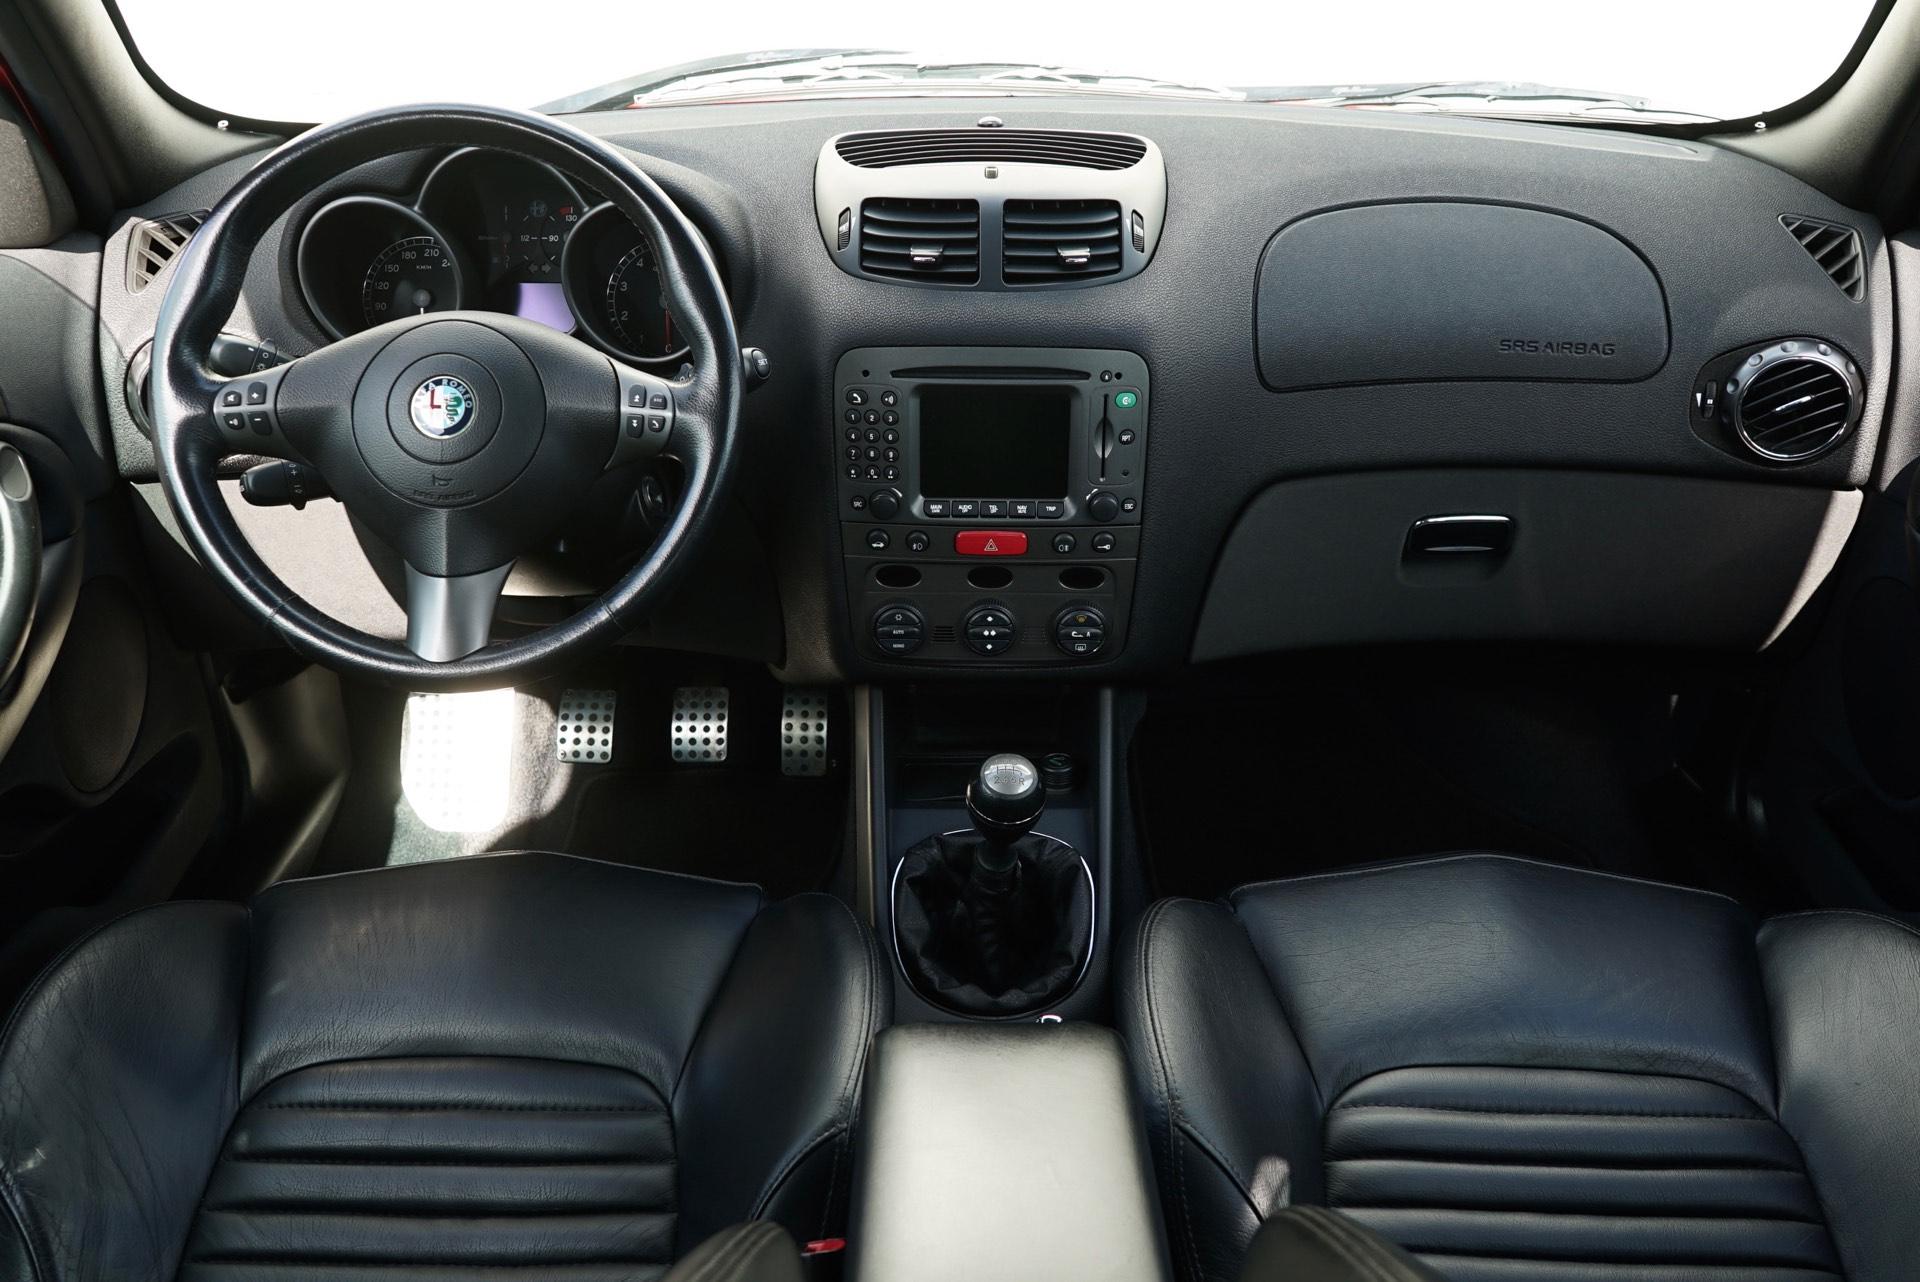 ALFA 147 GTA 3.2 V6 24V ROSSO ALFA